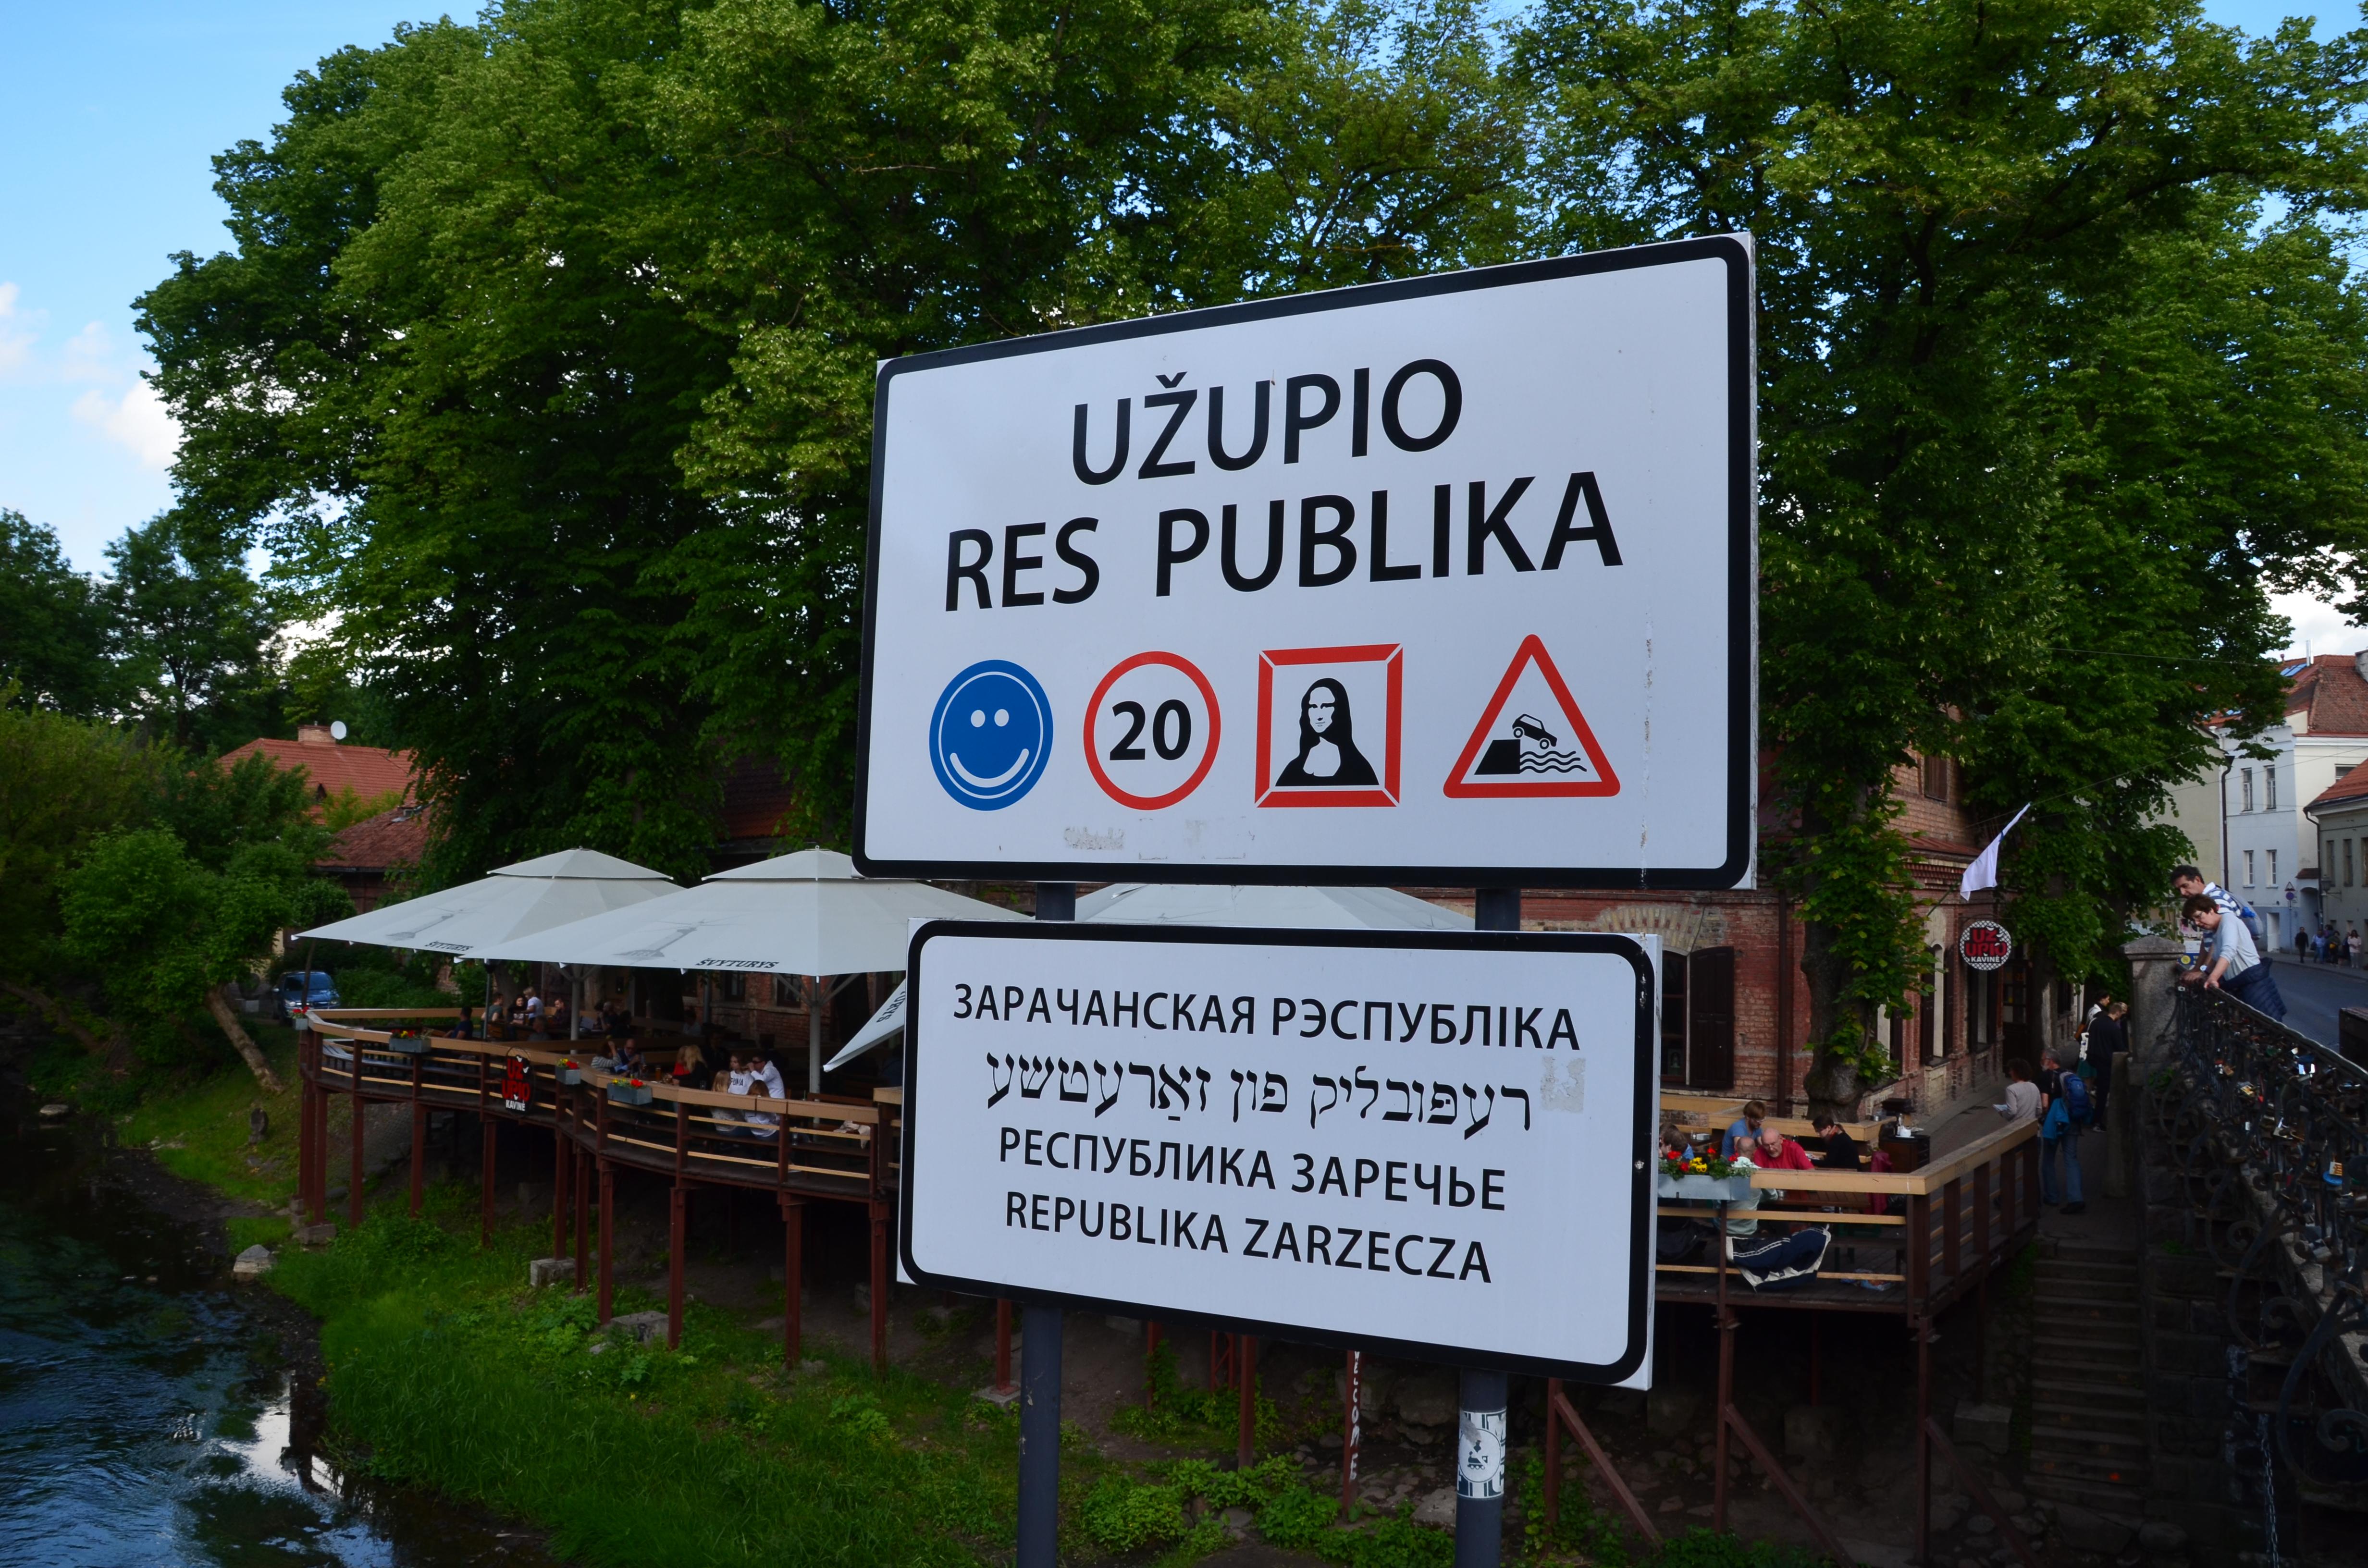 Uzupis, de stad binnen Vilnius